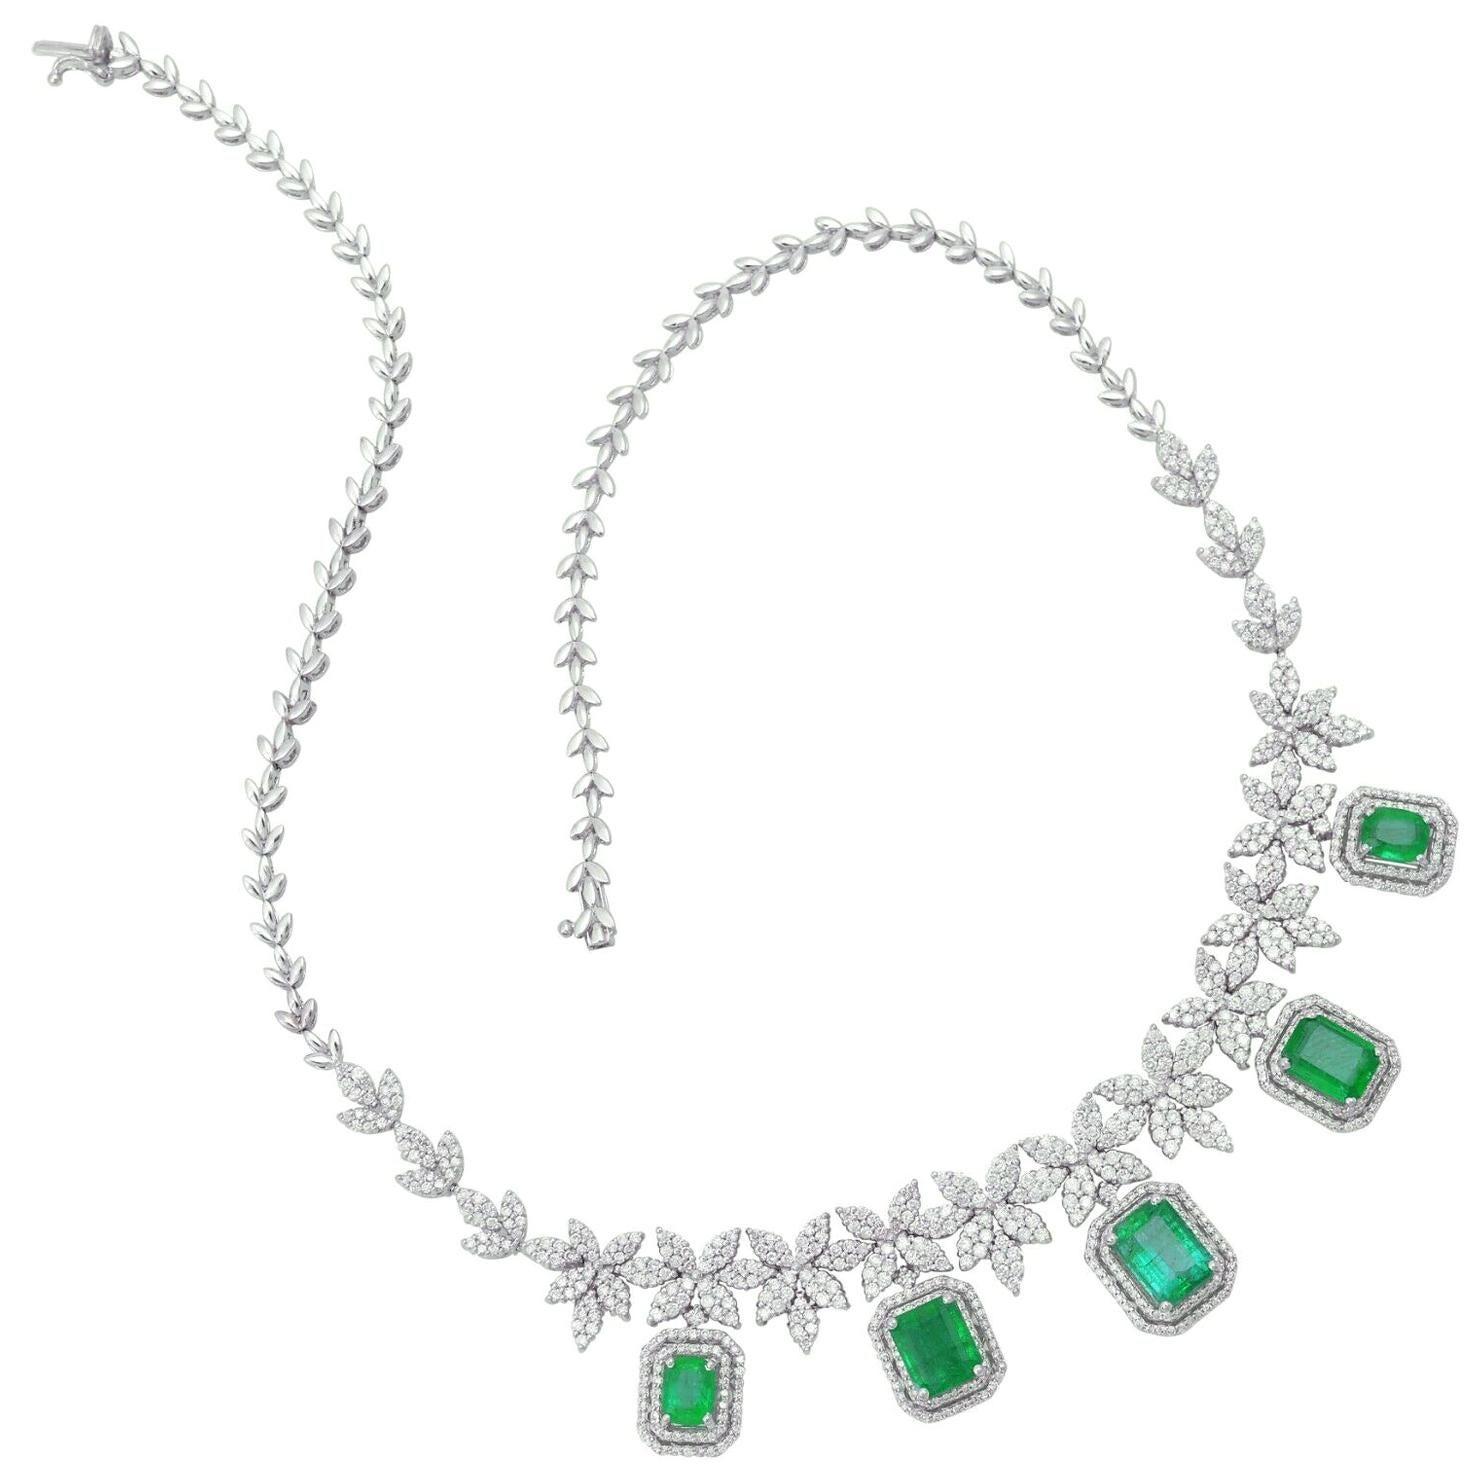 Emerald Diamond 18 Karat White Gold Statement Necklace